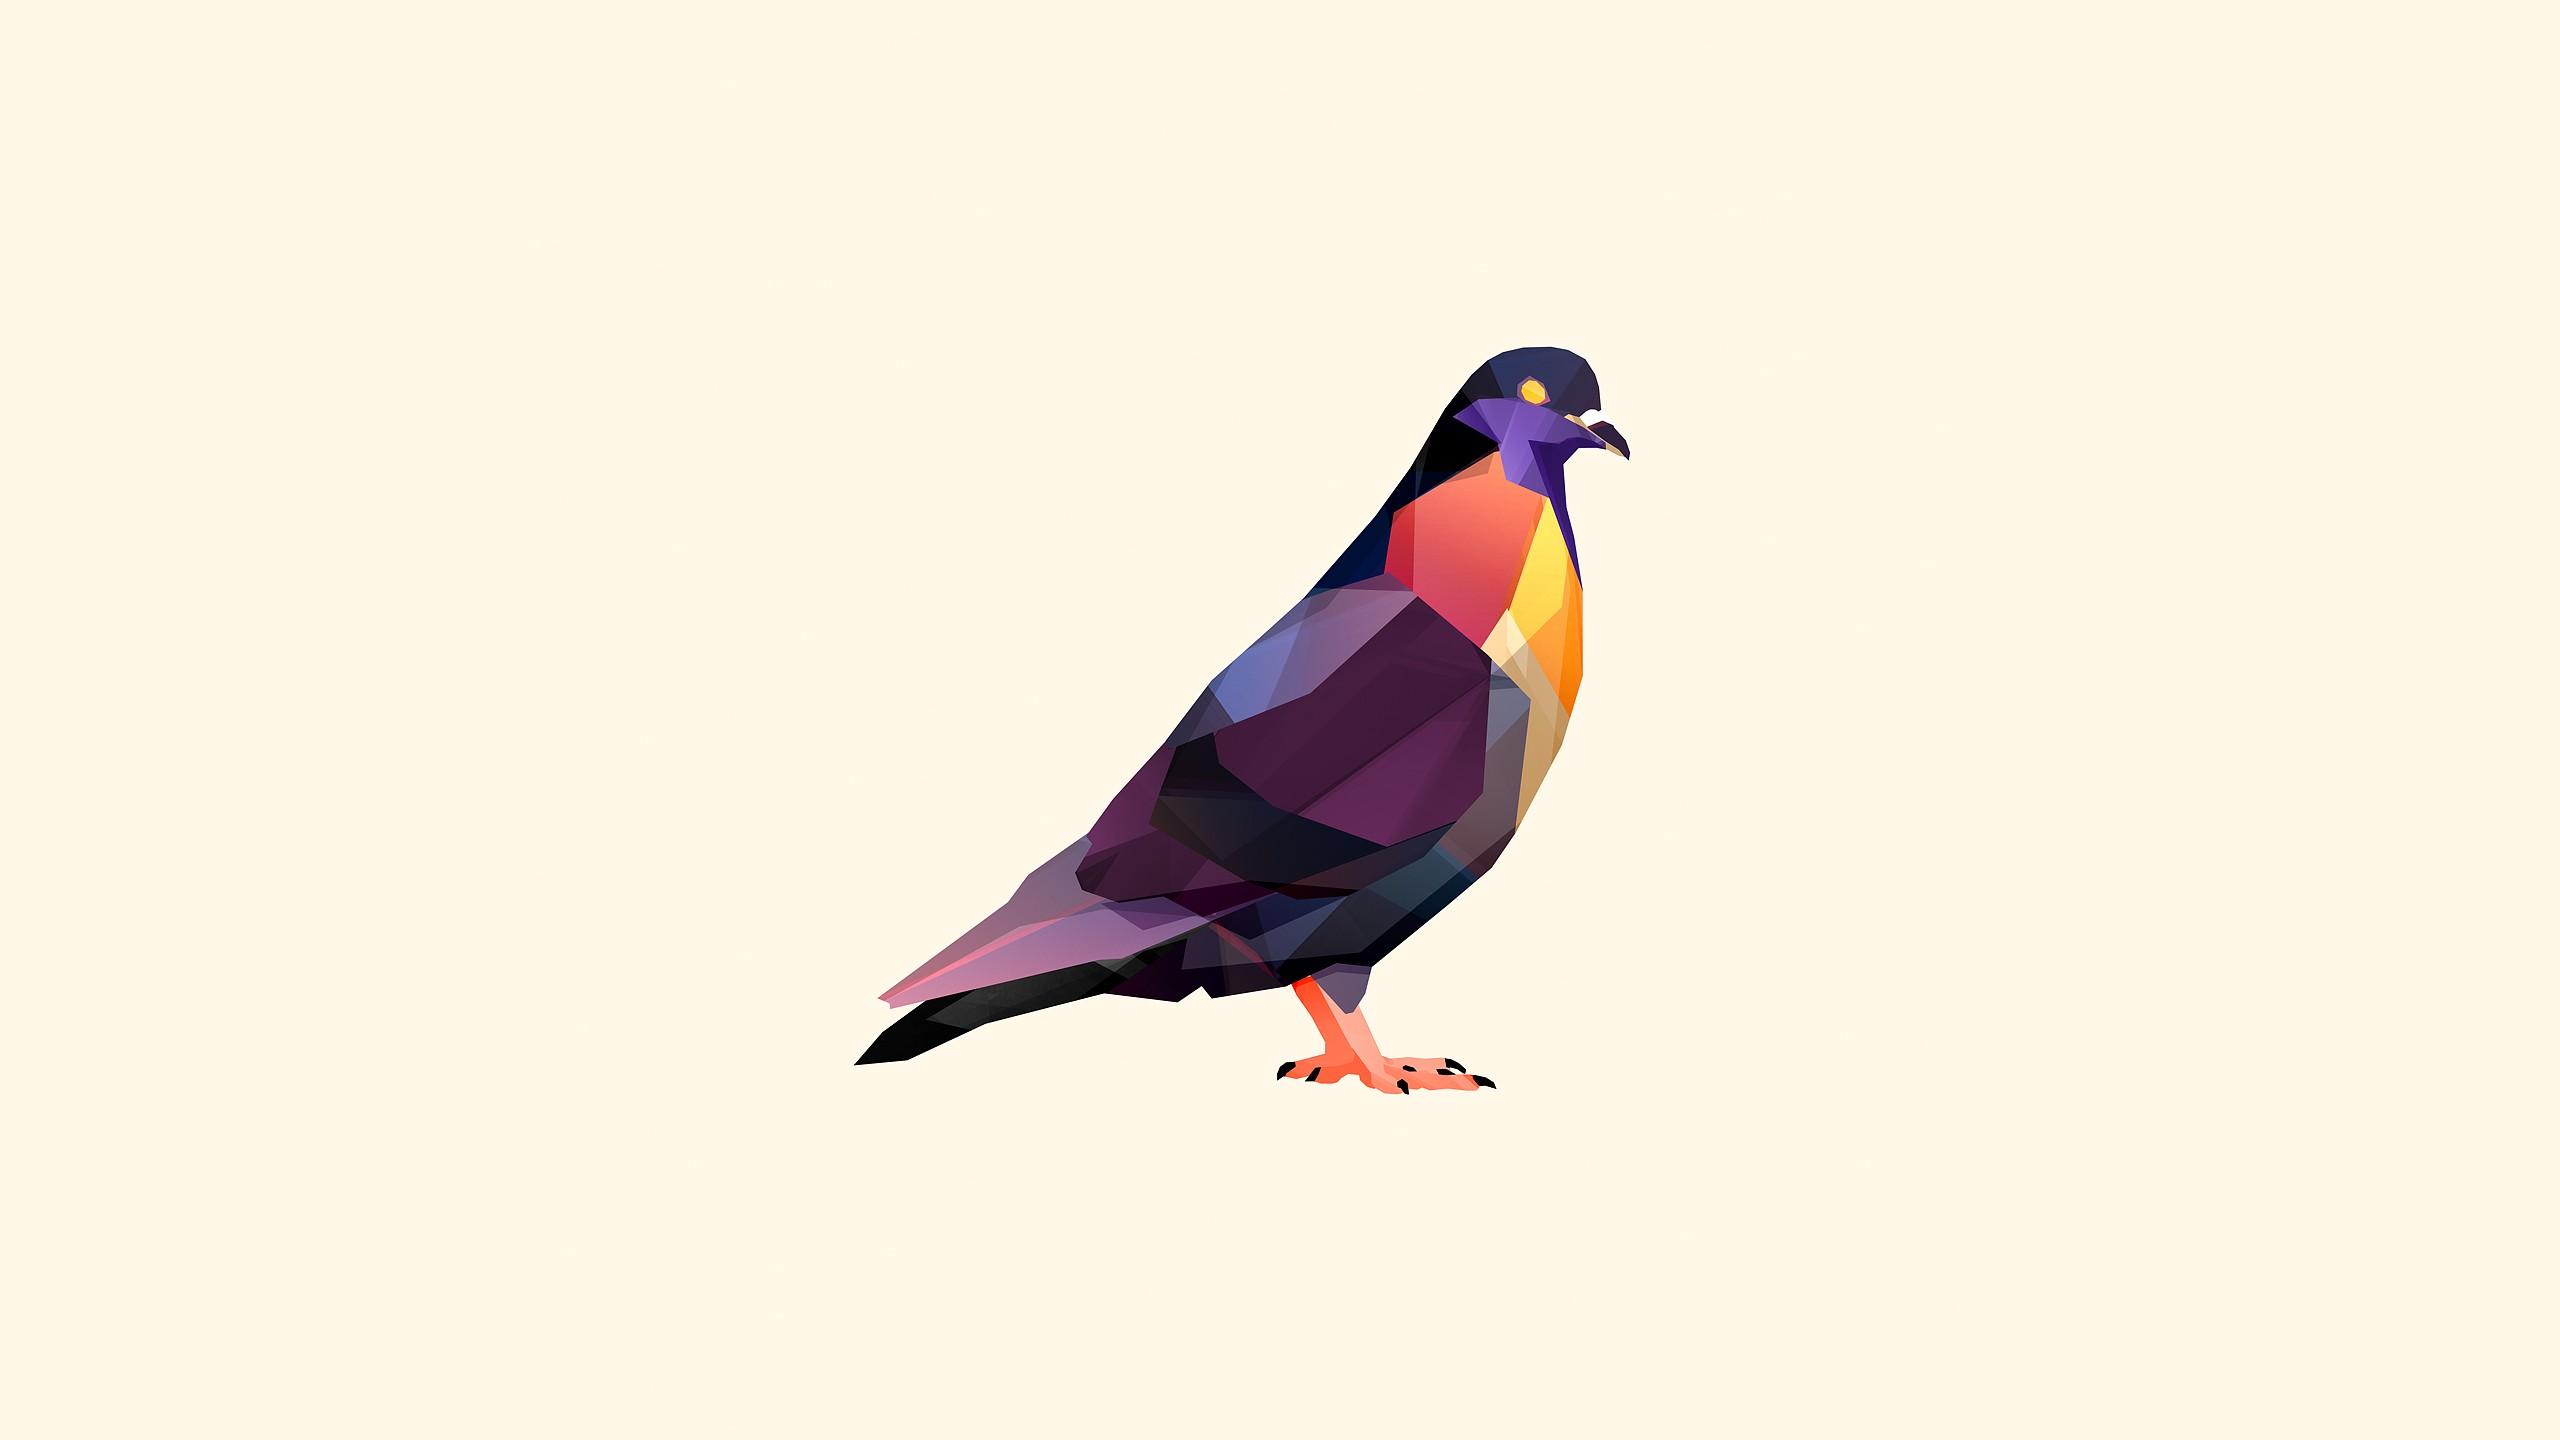 Pigeons Birds Facets Digital Art Animals Justin Maller